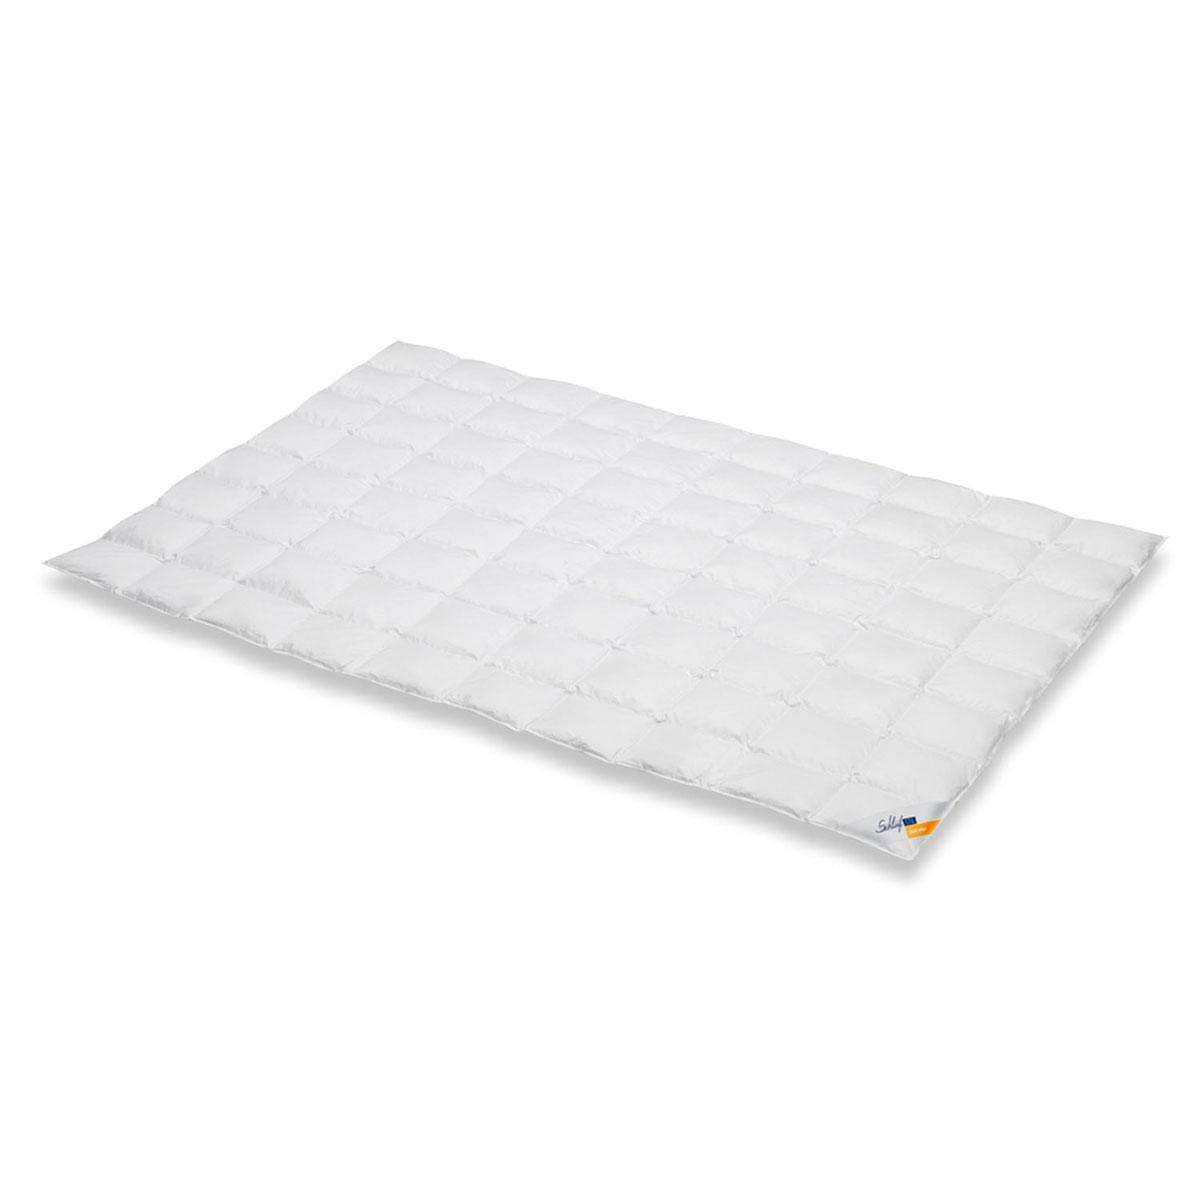 schlafstil sommerdecke dahliana 100 daunen g nstig online kaufen bei bettwaren shop. Black Bedroom Furniture Sets. Home Design Ideas